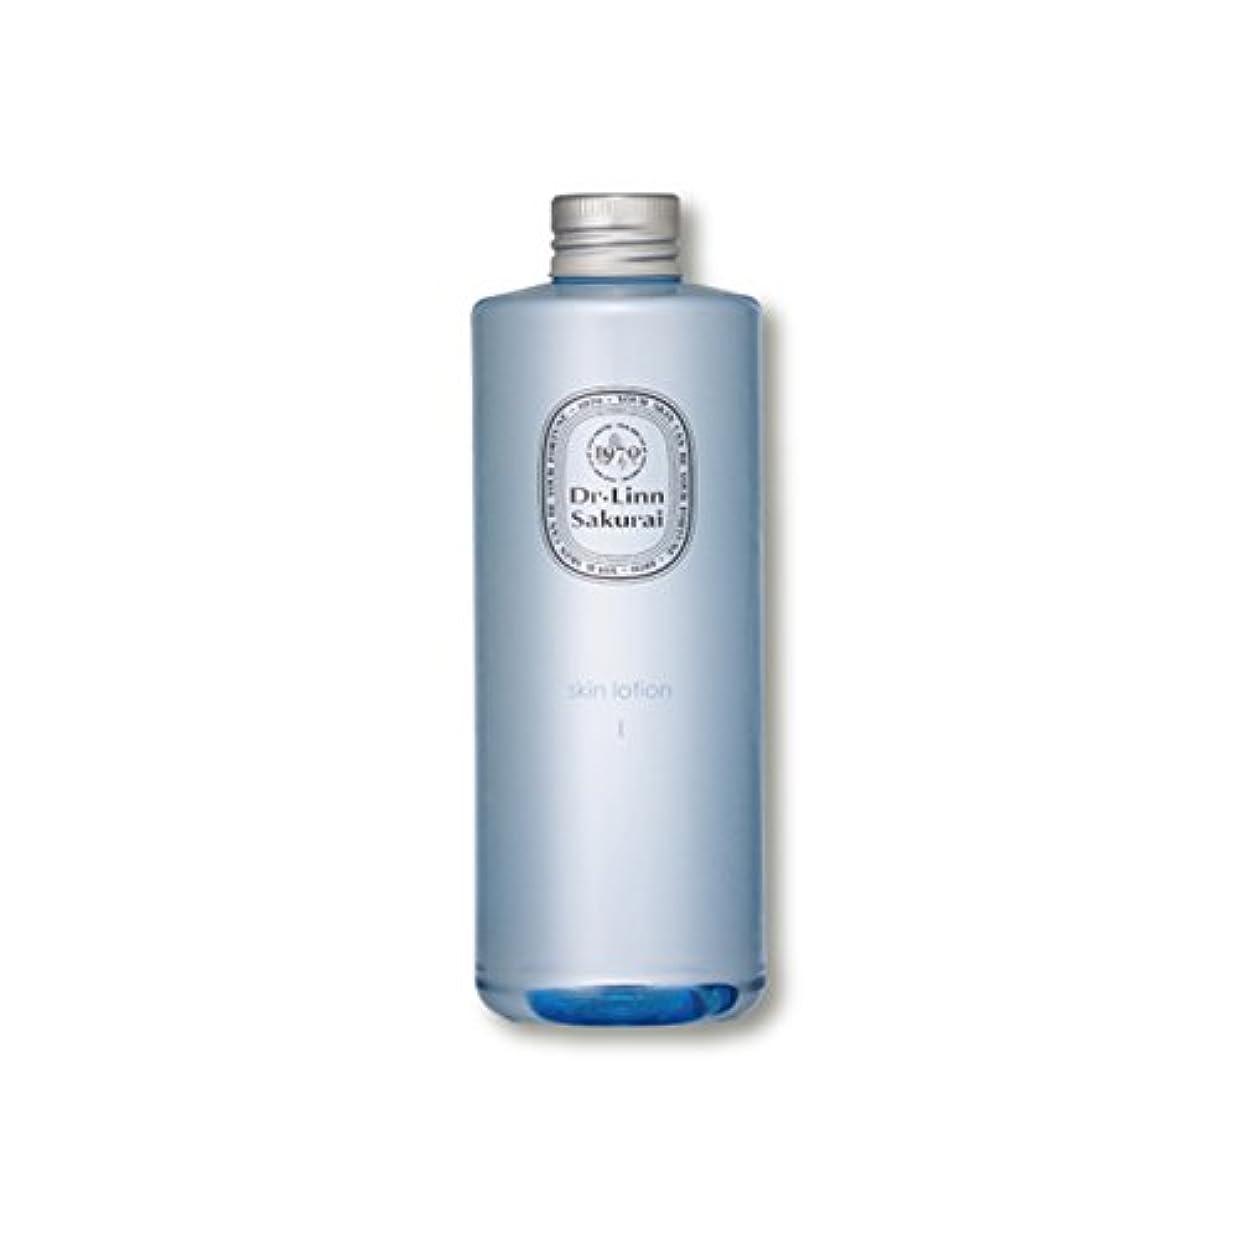 クライアント加速する流出ドクターリンサクライ スキンローションI さっぱりタイプ 300ml  (化粧水)